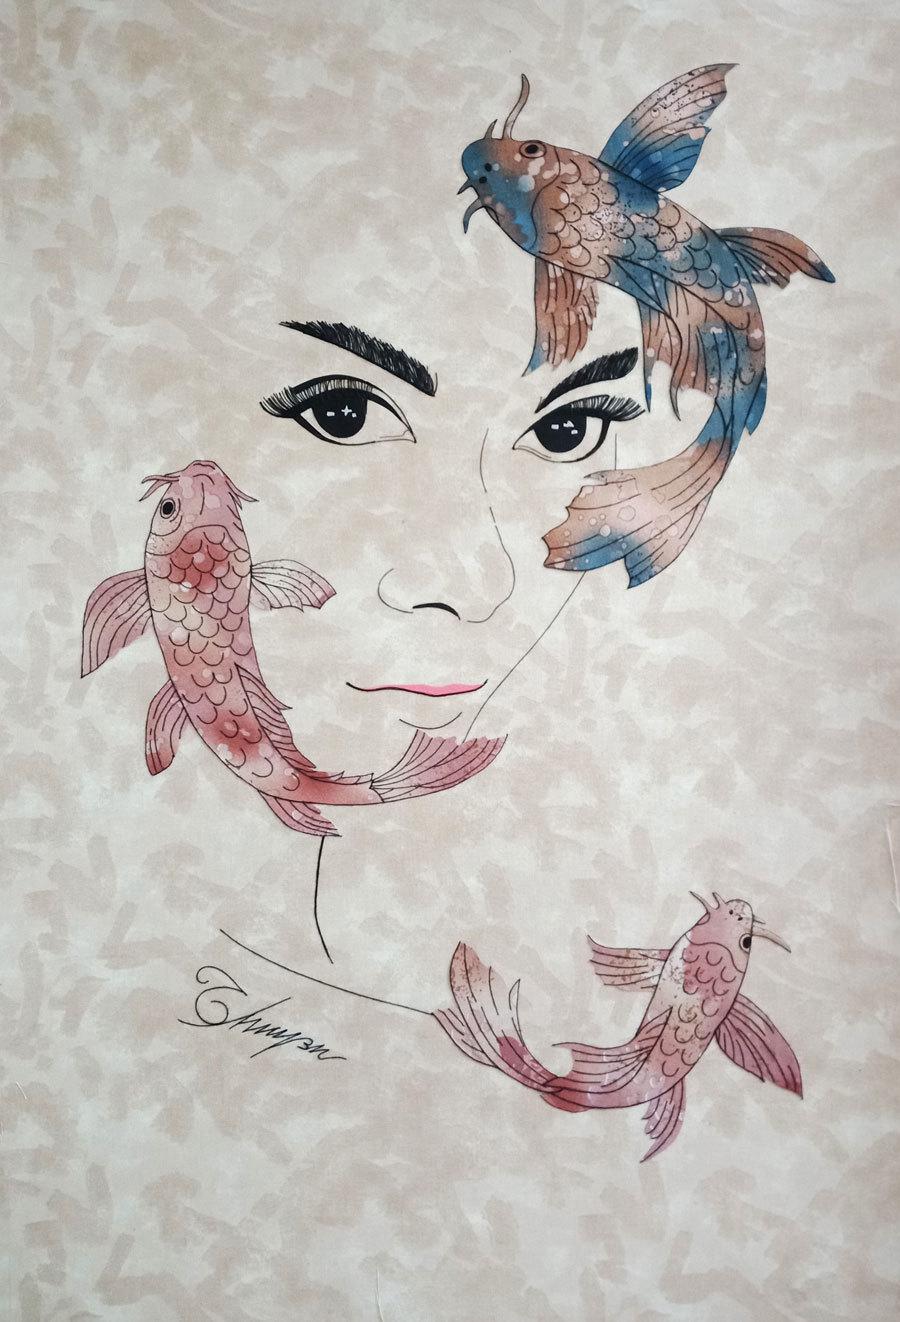 Chiêm ngưỡng những bức tranh ghép từ vải độc đáo